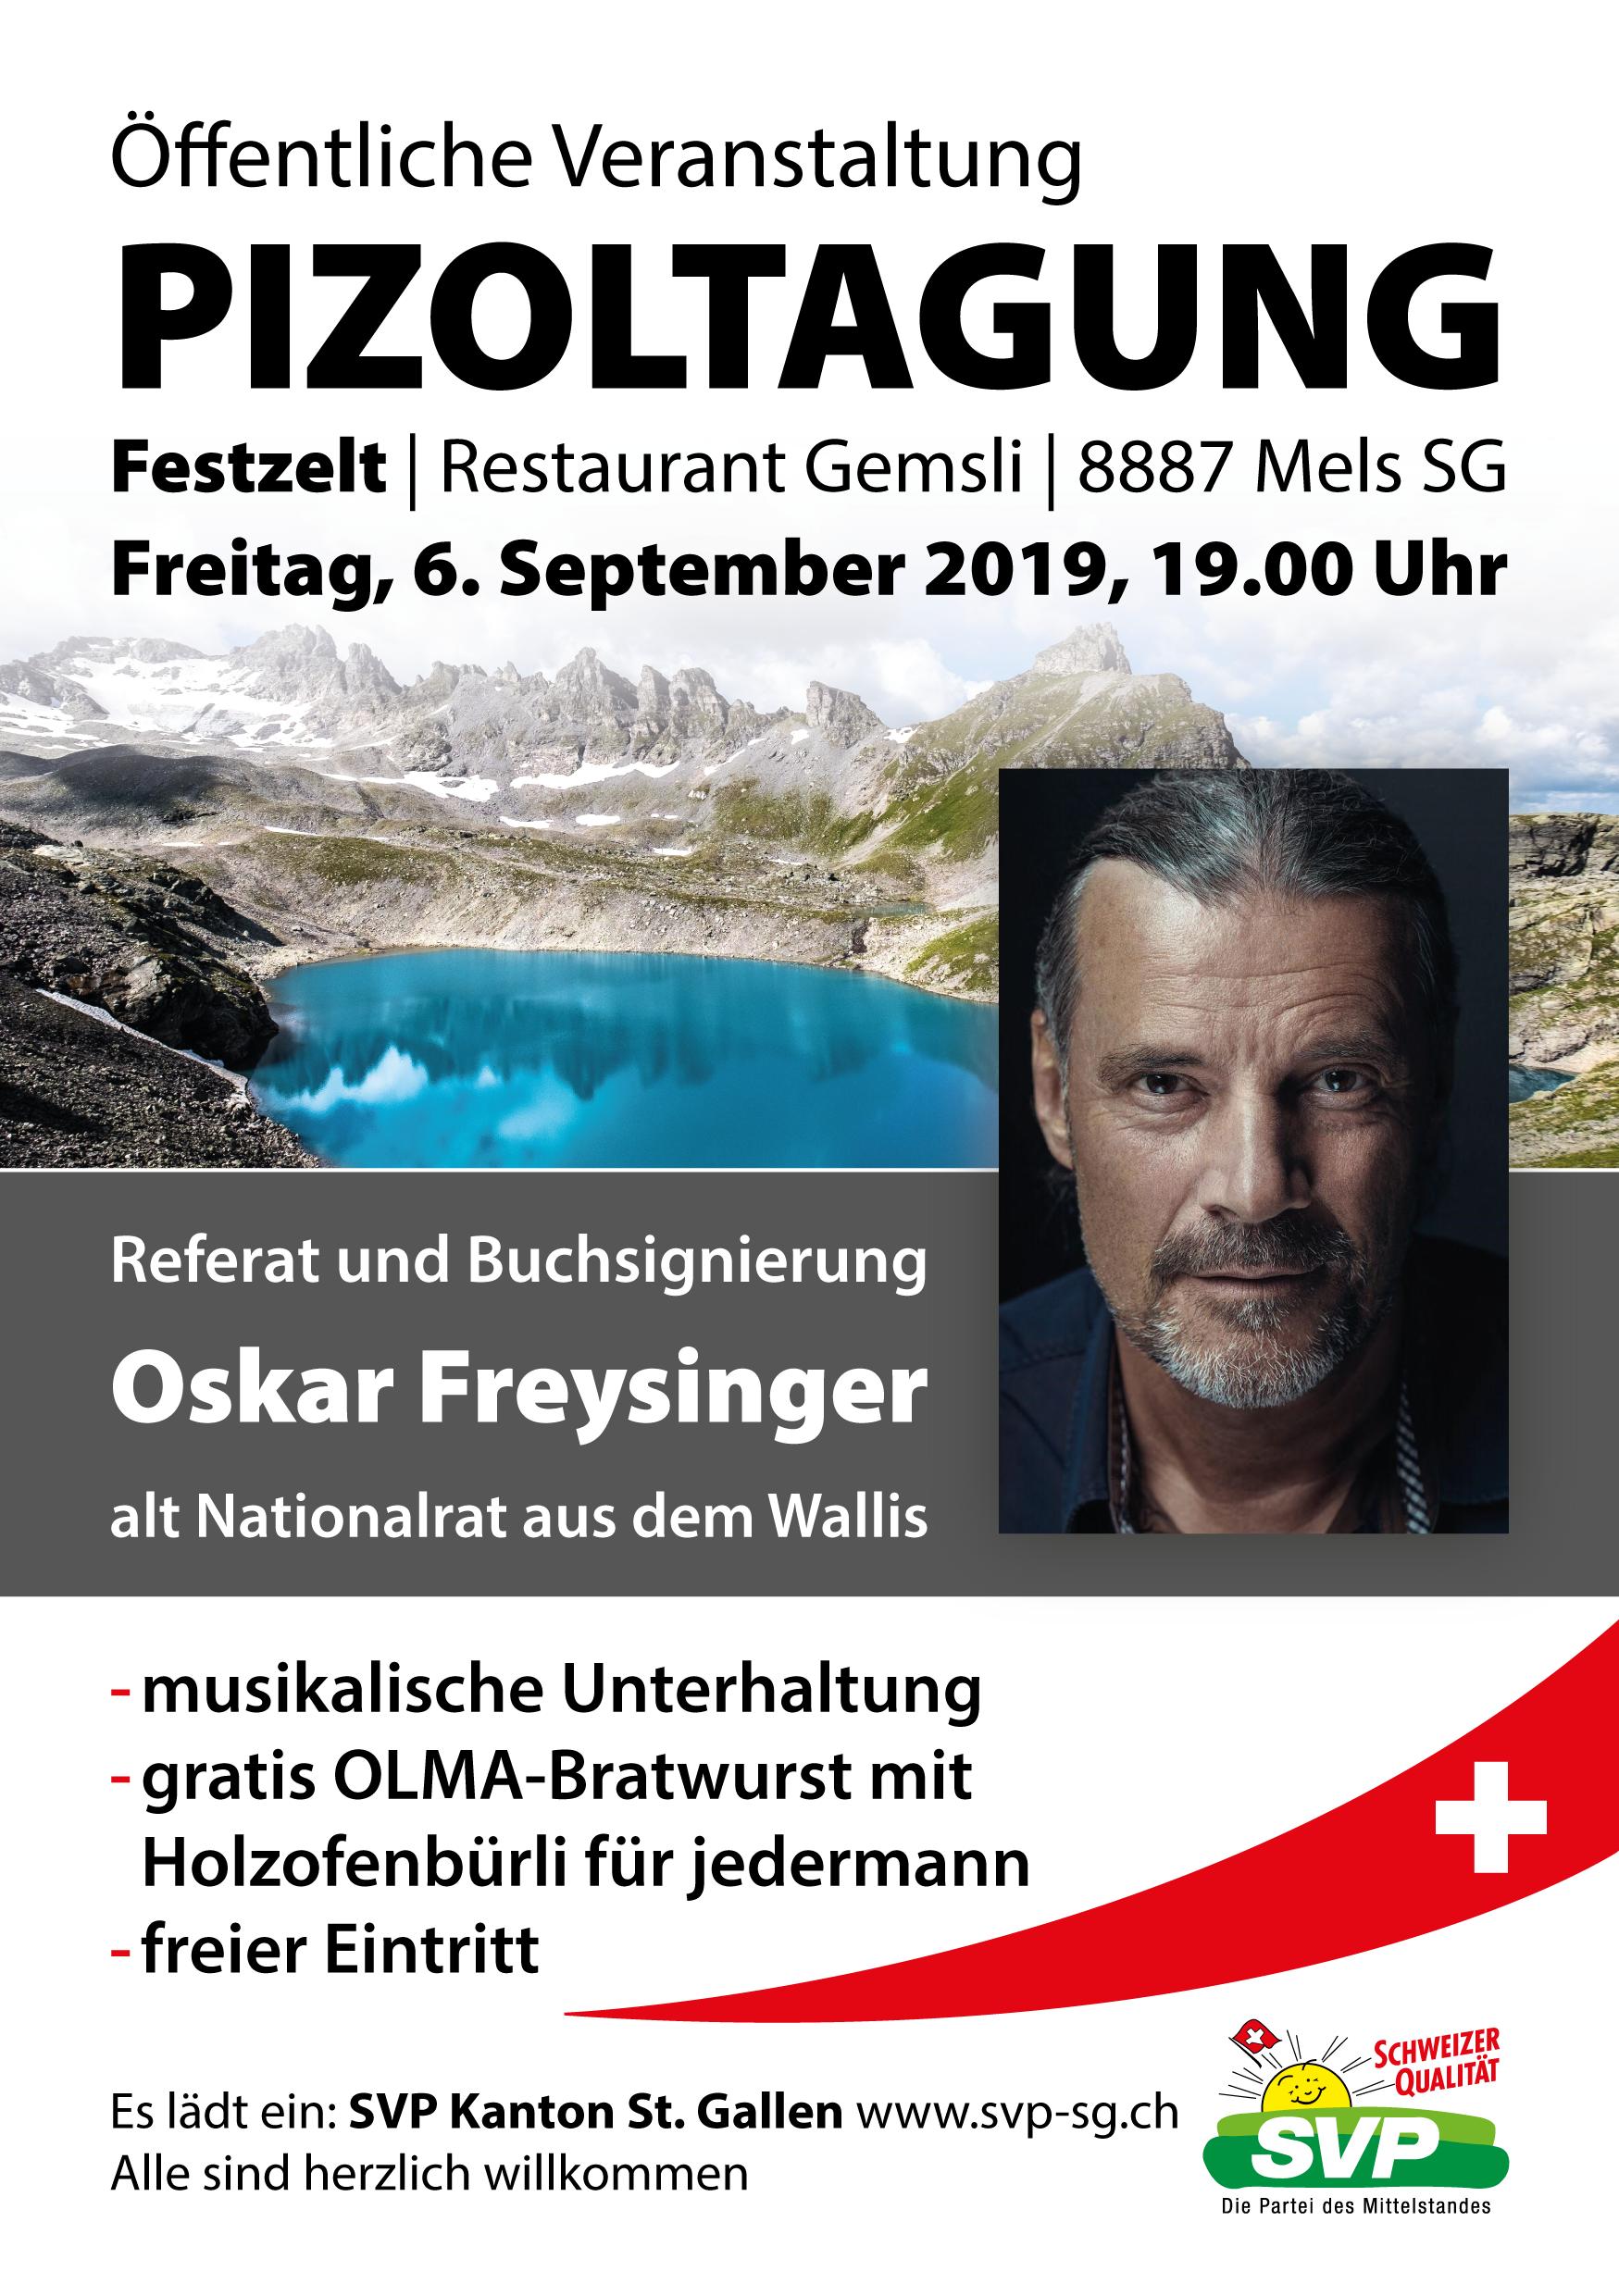 Pizoltagung mit alt Nationalrat Oskar Freysinger (Freitag, 06.09.2019 um  19.00 Uhr)